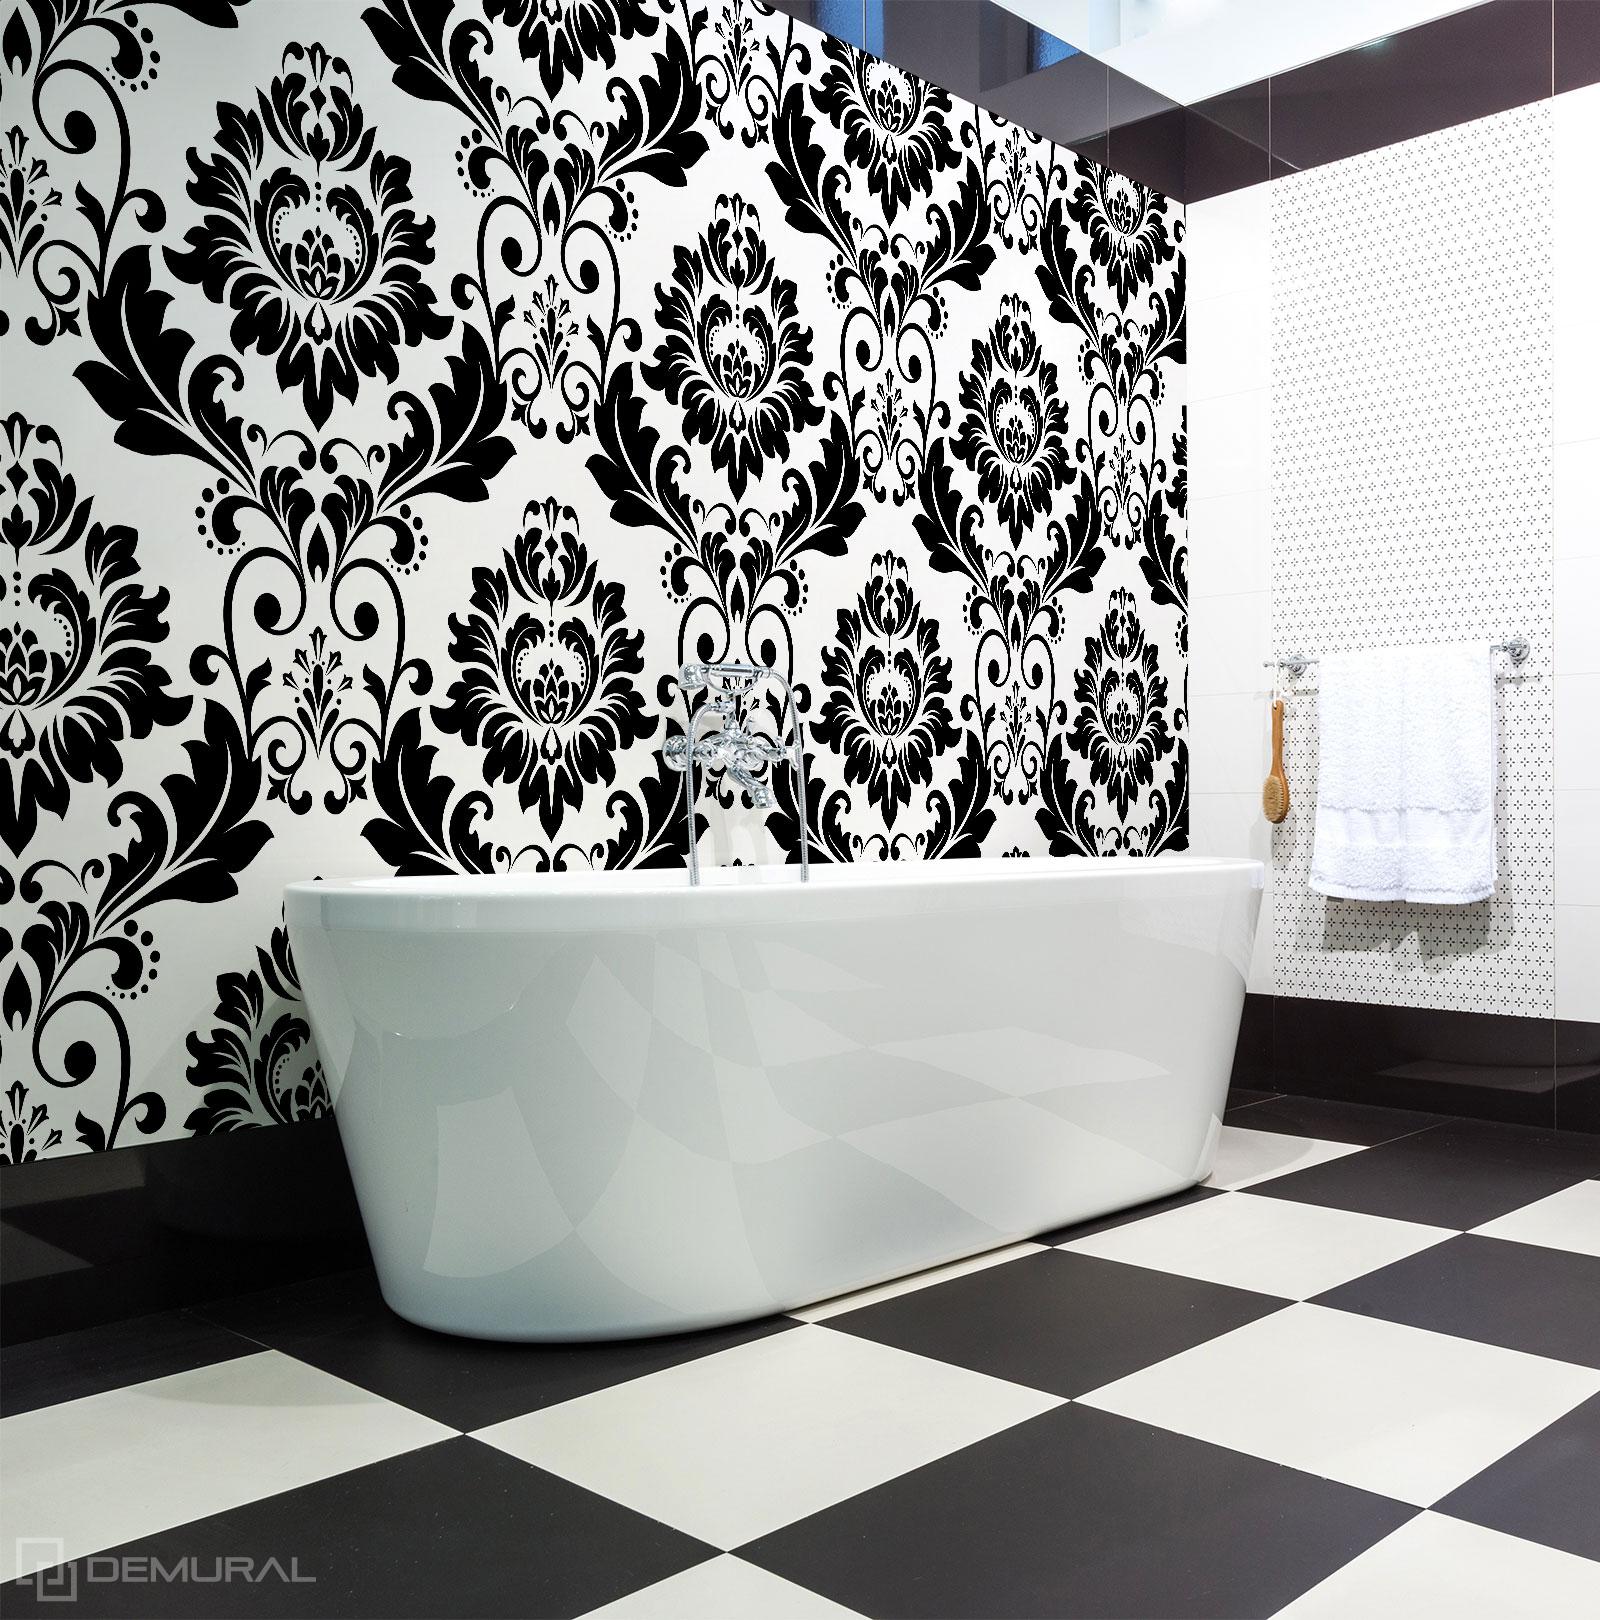 Fototapete  Klassisches Schwarz und Weiß - Schwarzweißes Badezimmer - Demural